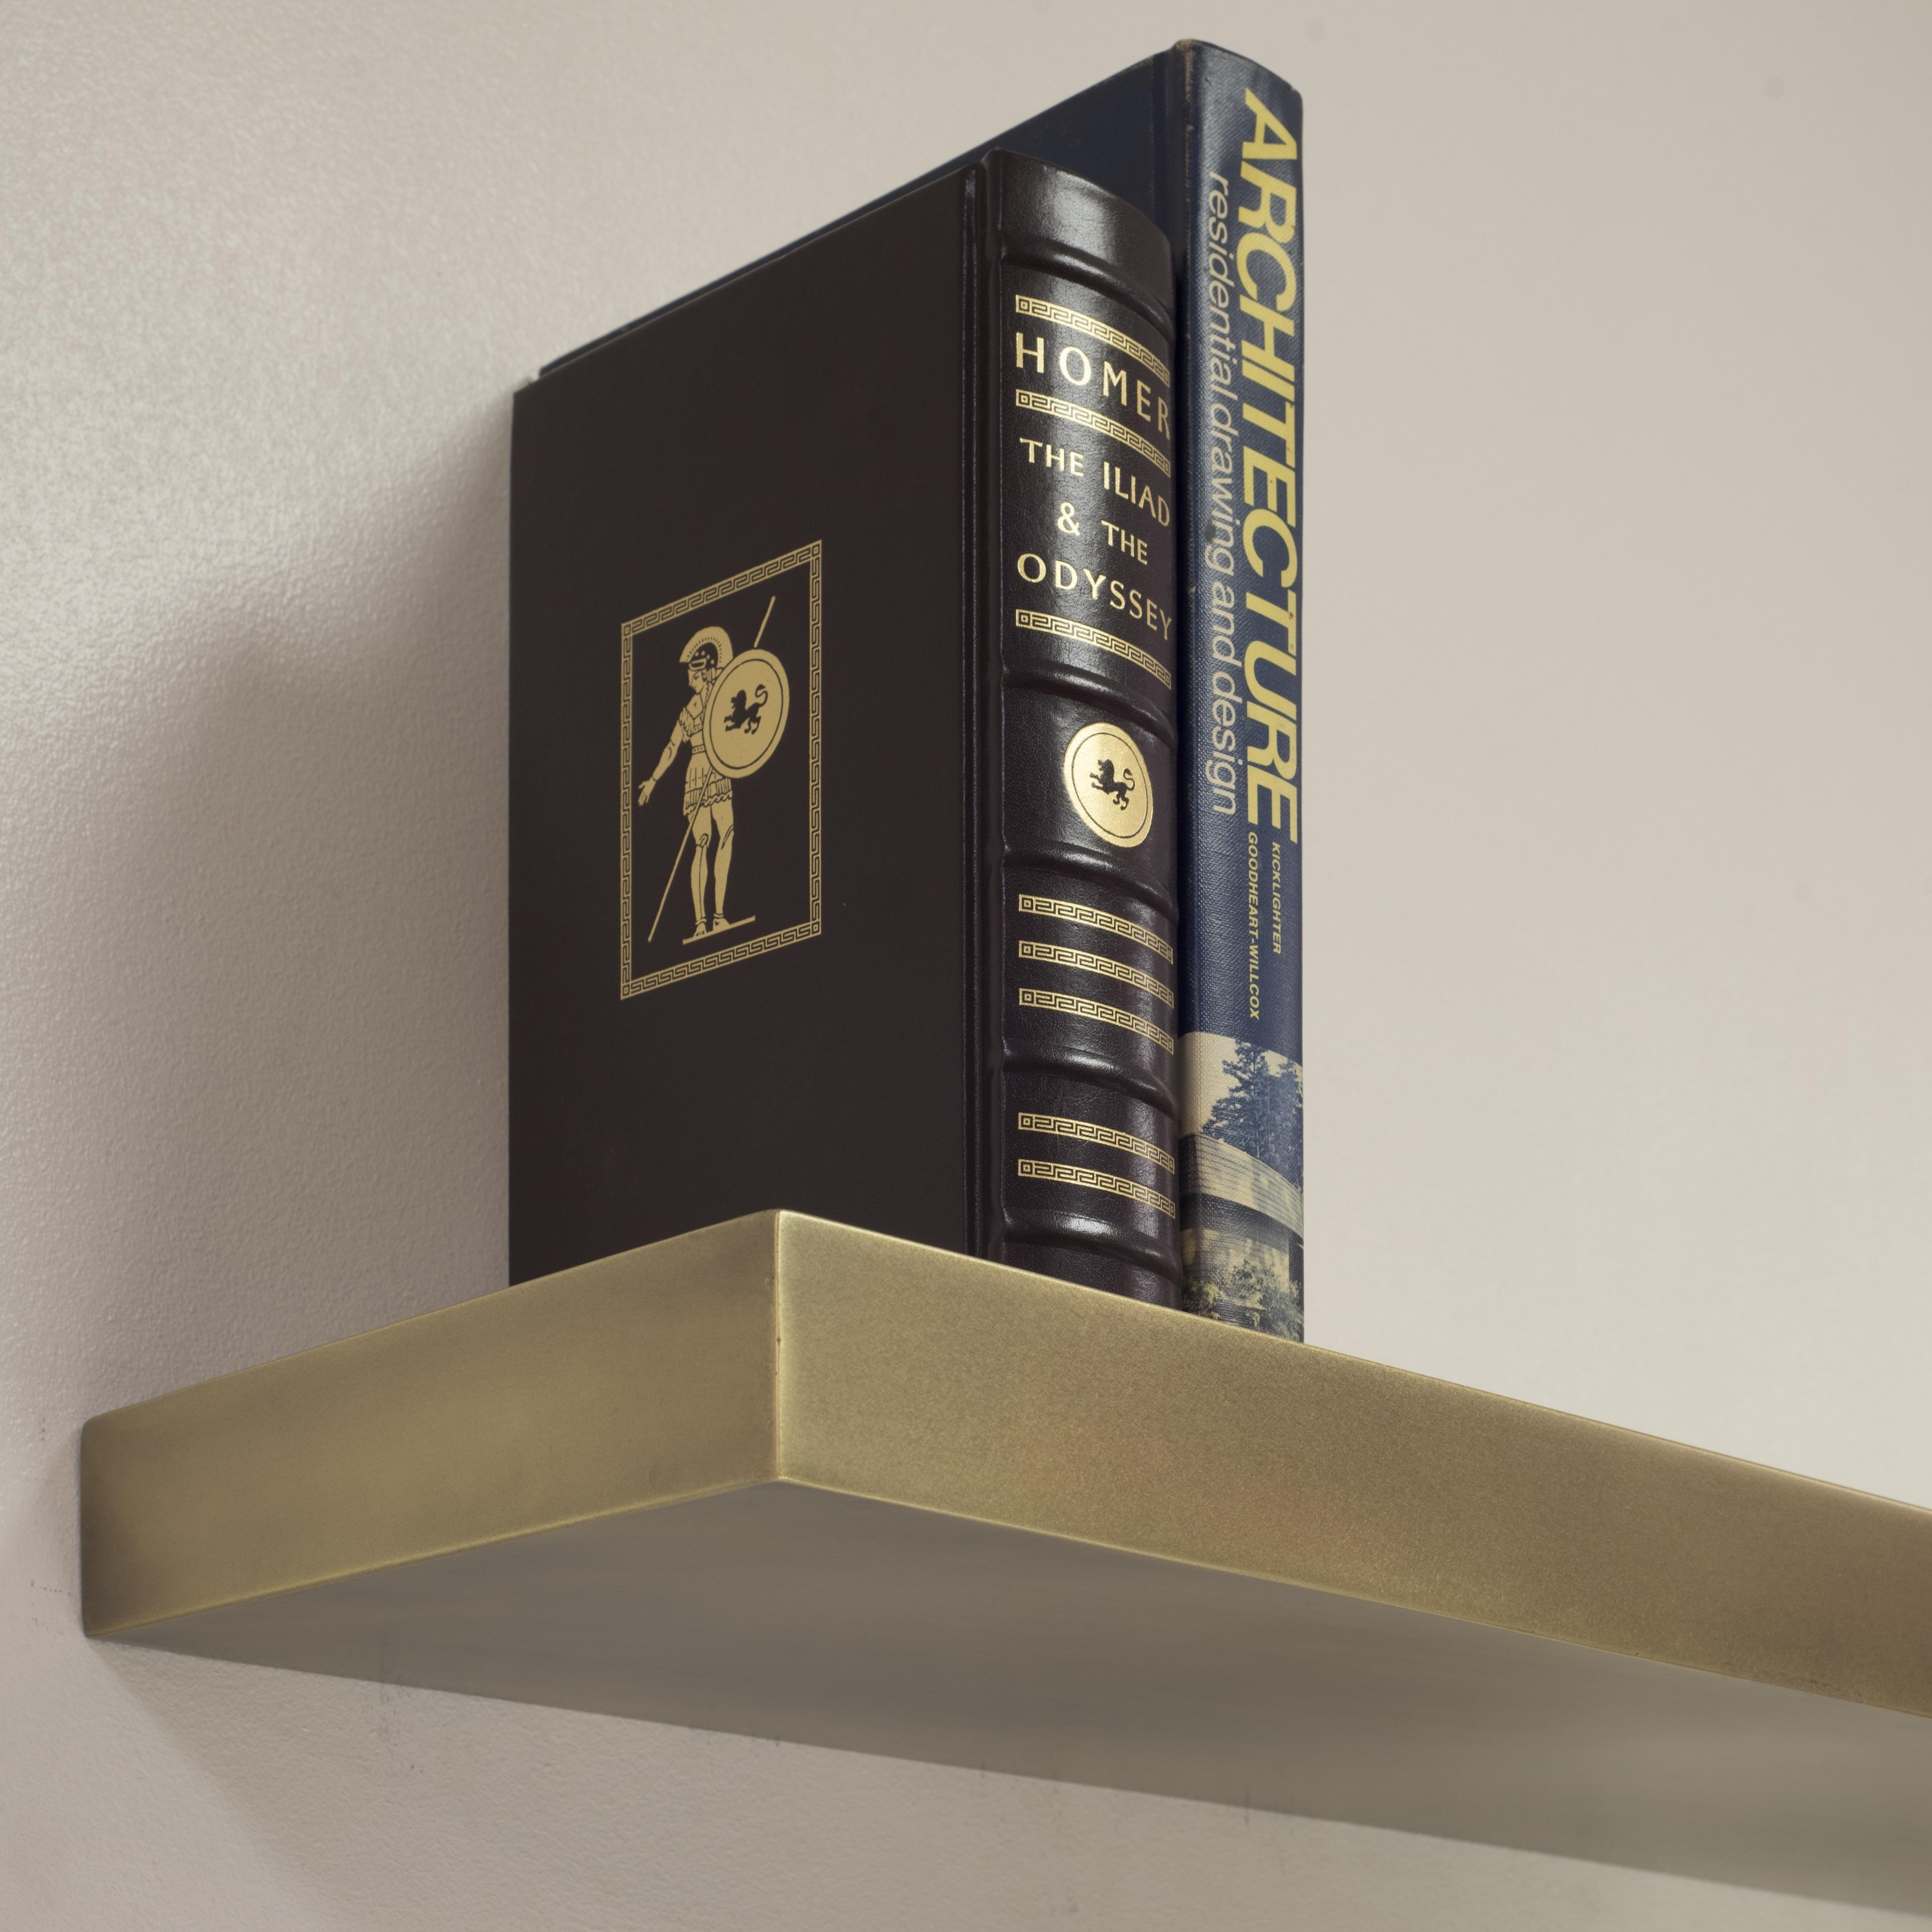 Stainless Steel Floating Shelves 355 00 1 315